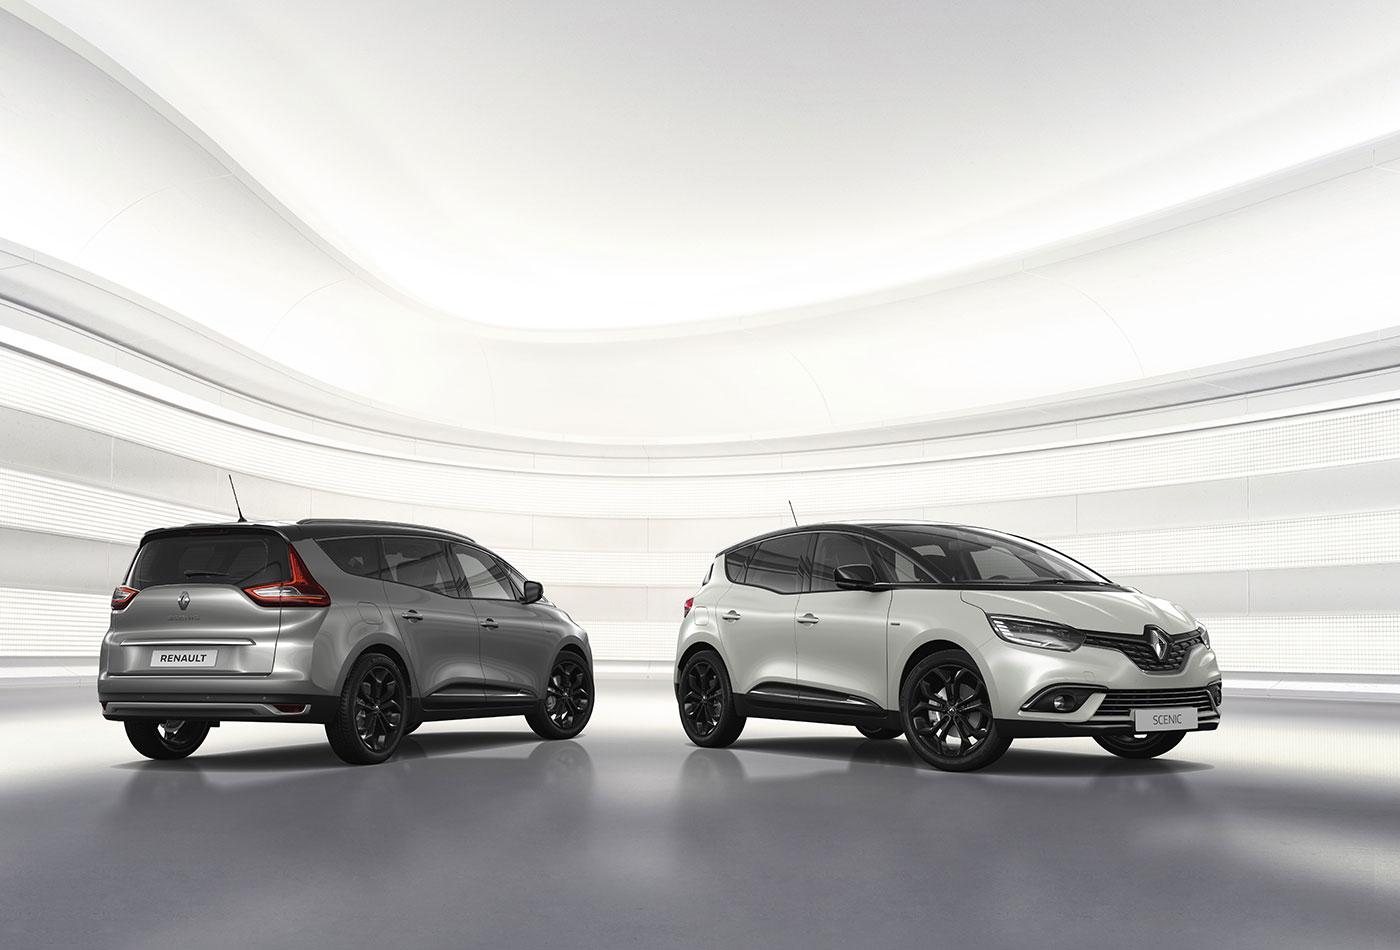 Renault Scénic: Sondermodell in Schwarz – extra üppig